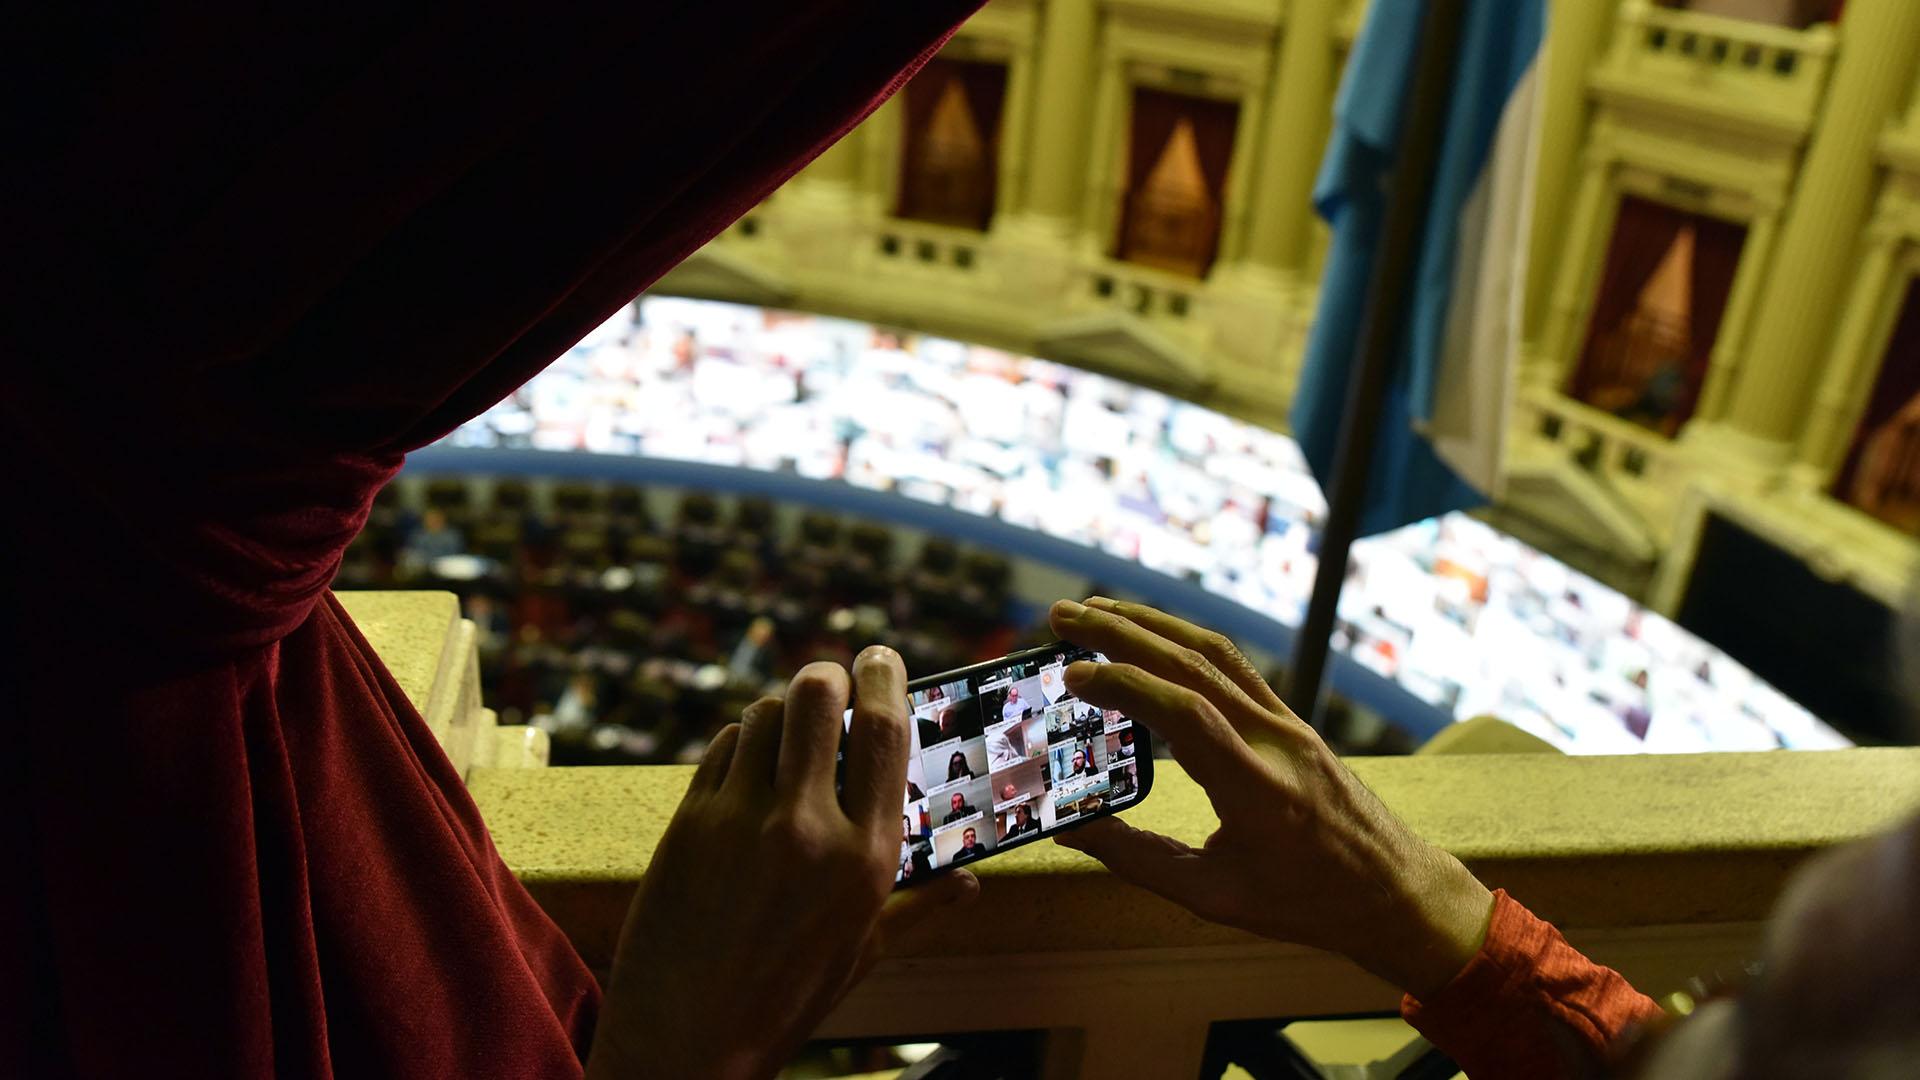 El registro de una imagen impensada: los legisladores sesionando mediante una pantalla